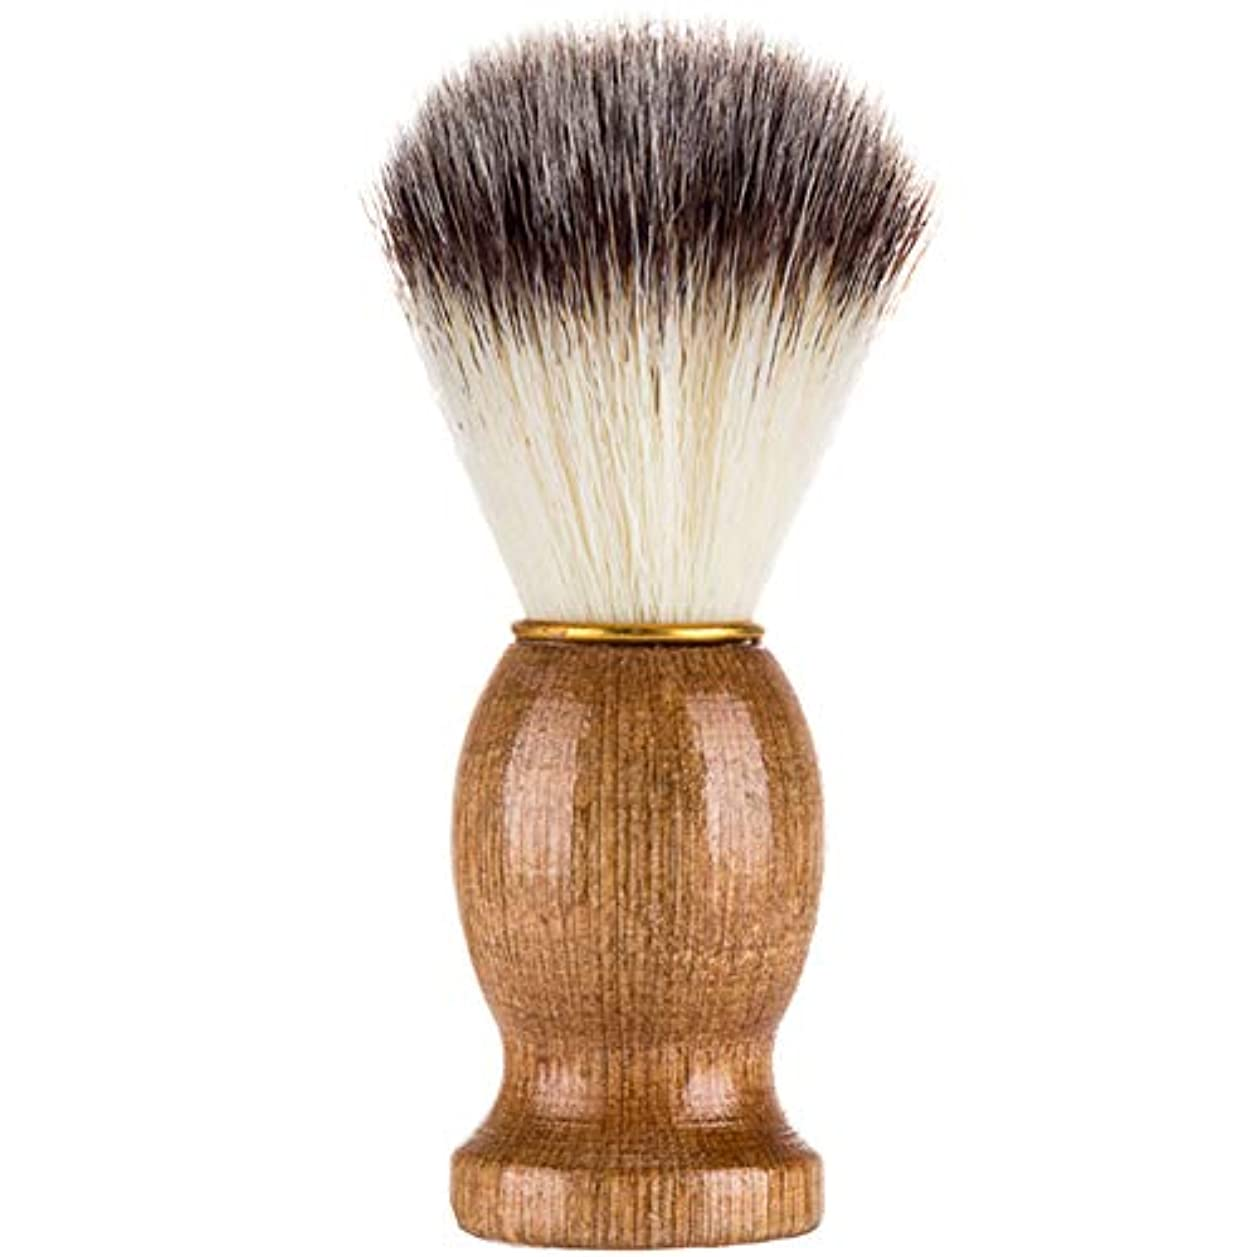 クレーンアジア人初期lzndeal シェービングブラシ シェービングブラシ 男性用シェービングブラシシェービングカミソリブラシ サロンバーツール 顔のあご髭シェービング用品